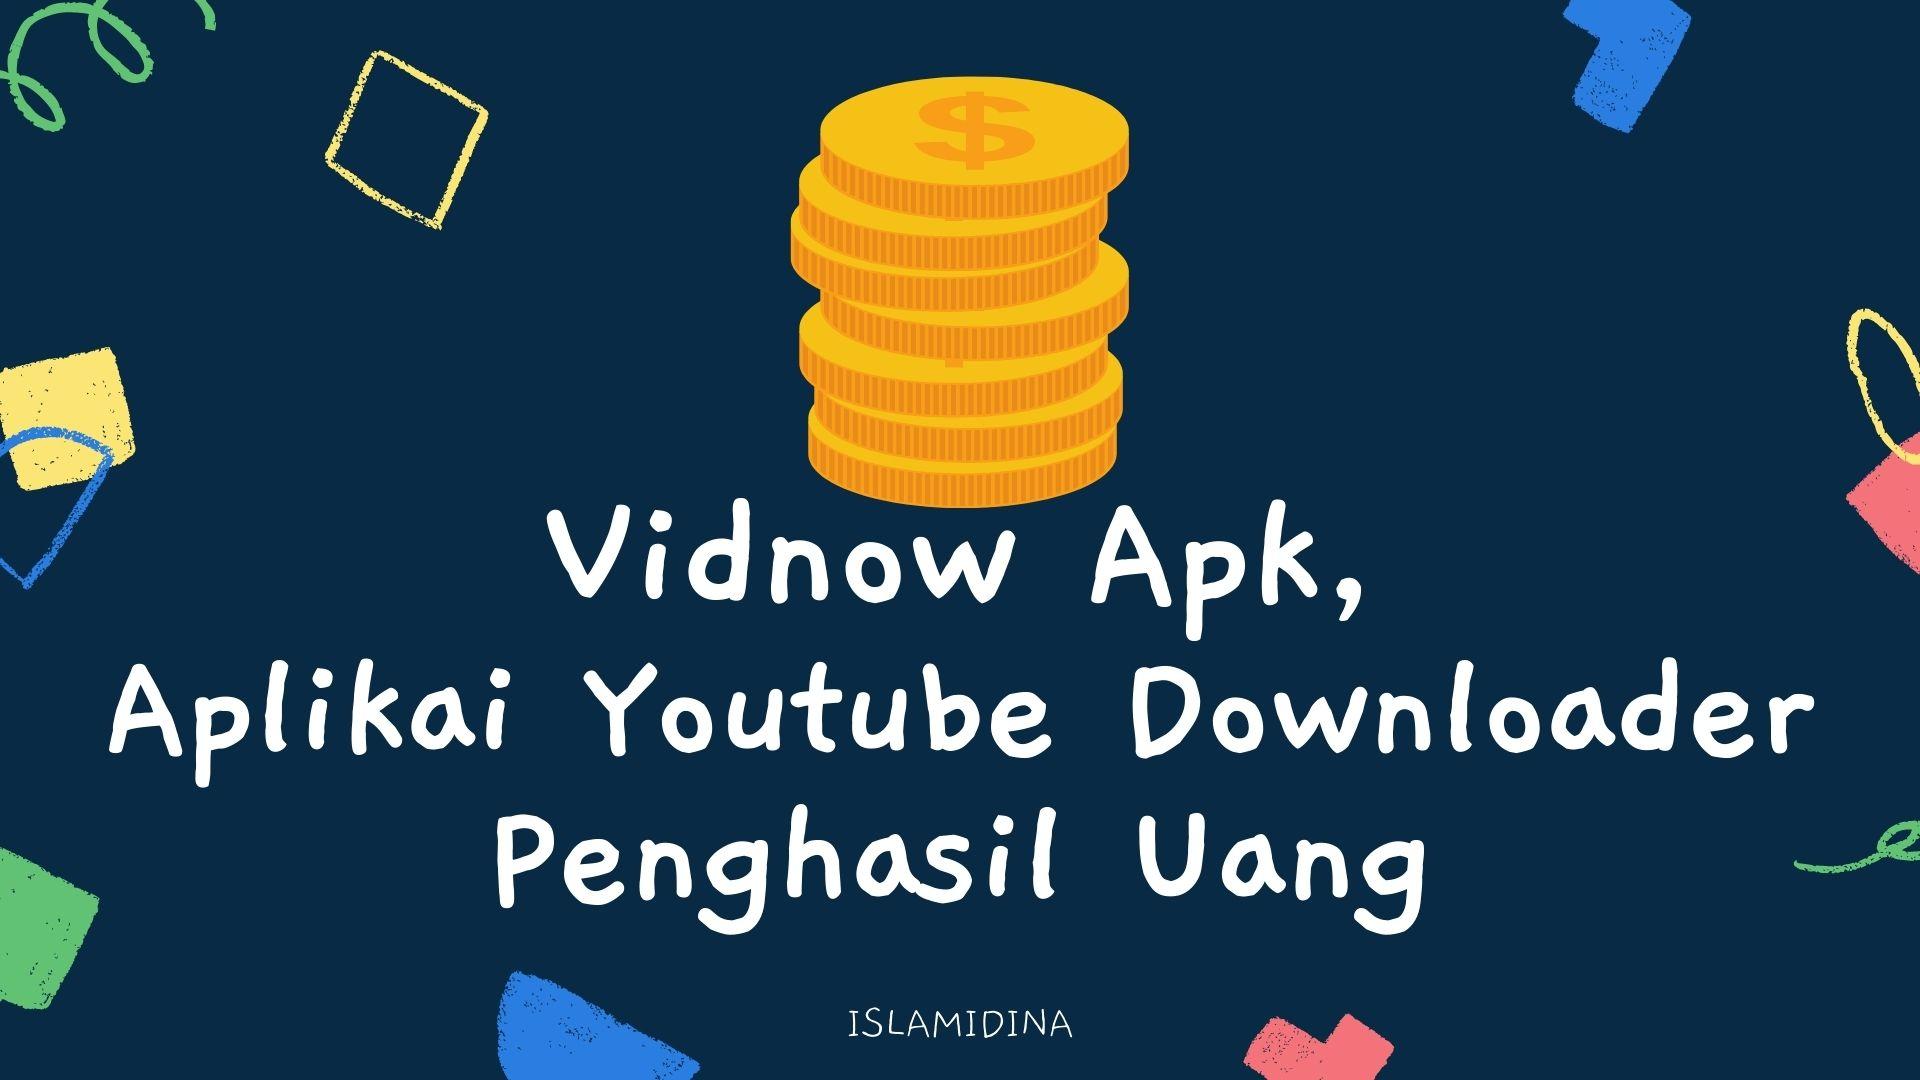 Vidnow apk, aplikasi penghasil uang langsung ke dana